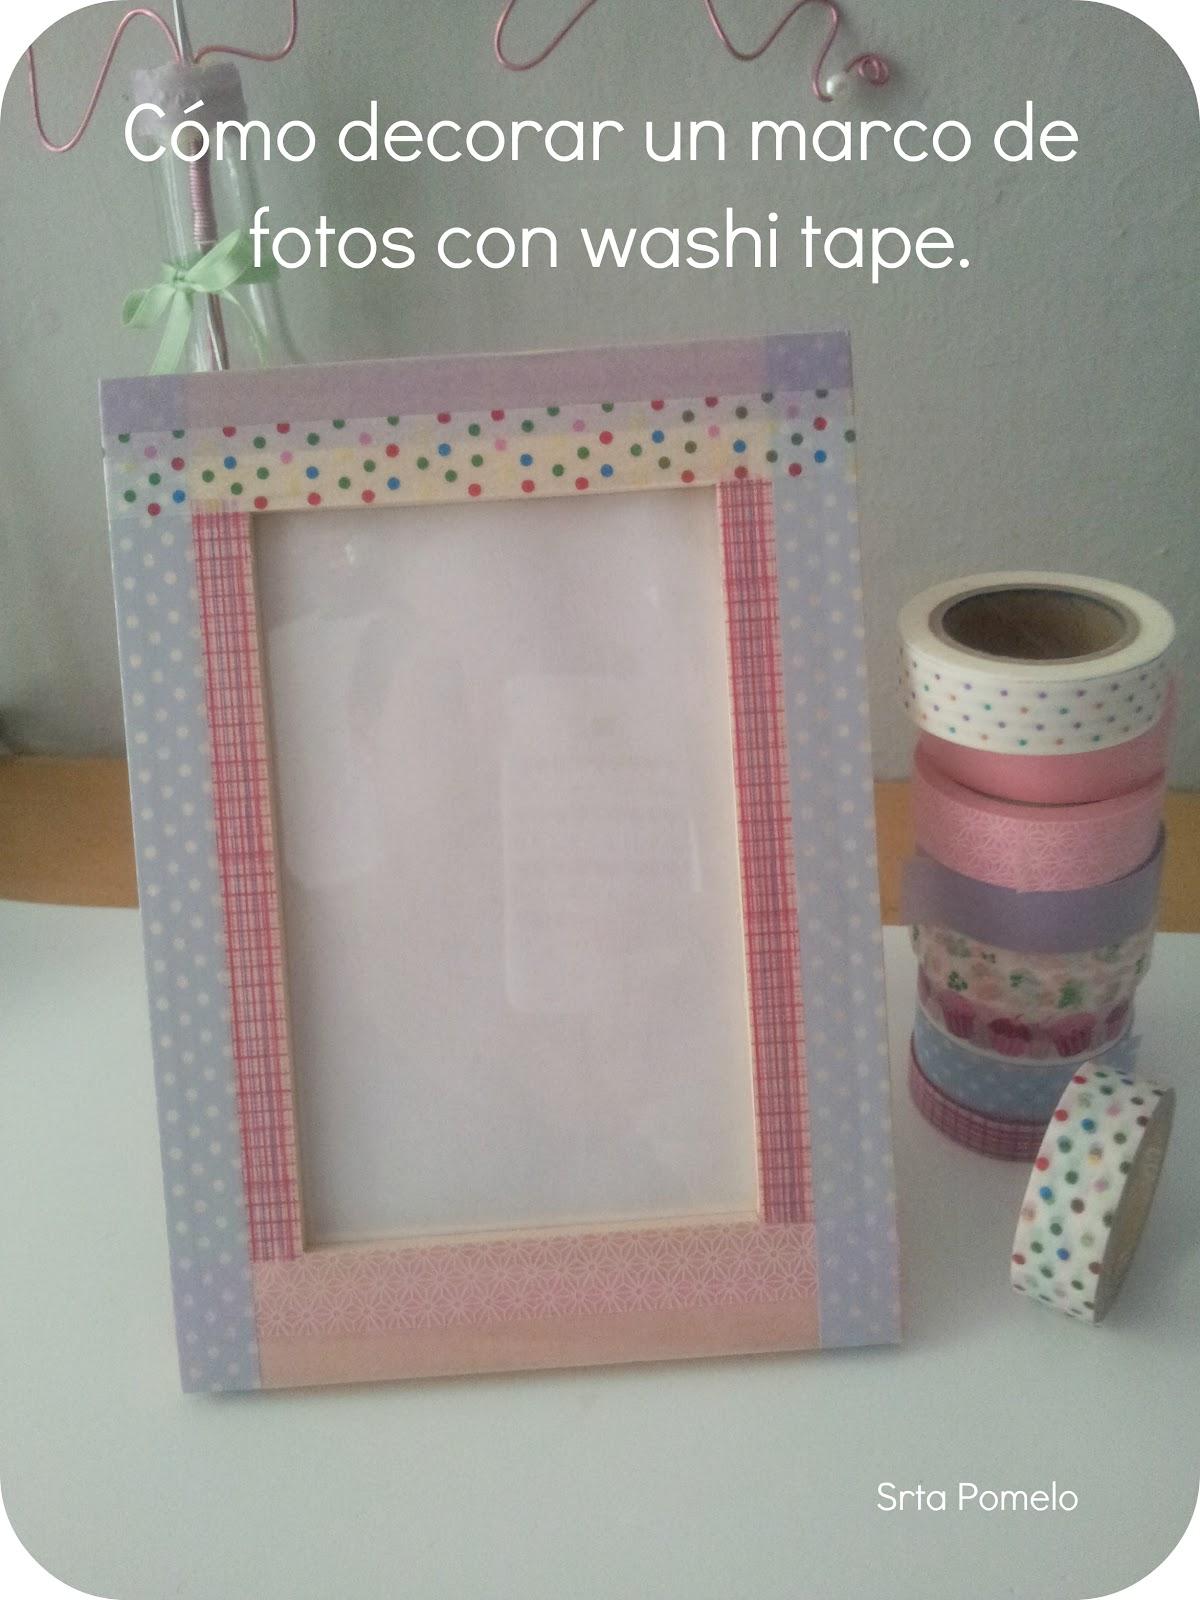 Srta Pomelo Tutorial Como Decorar Un Marco De Fotos Con Washi Tape - Decorar-marco-fotos